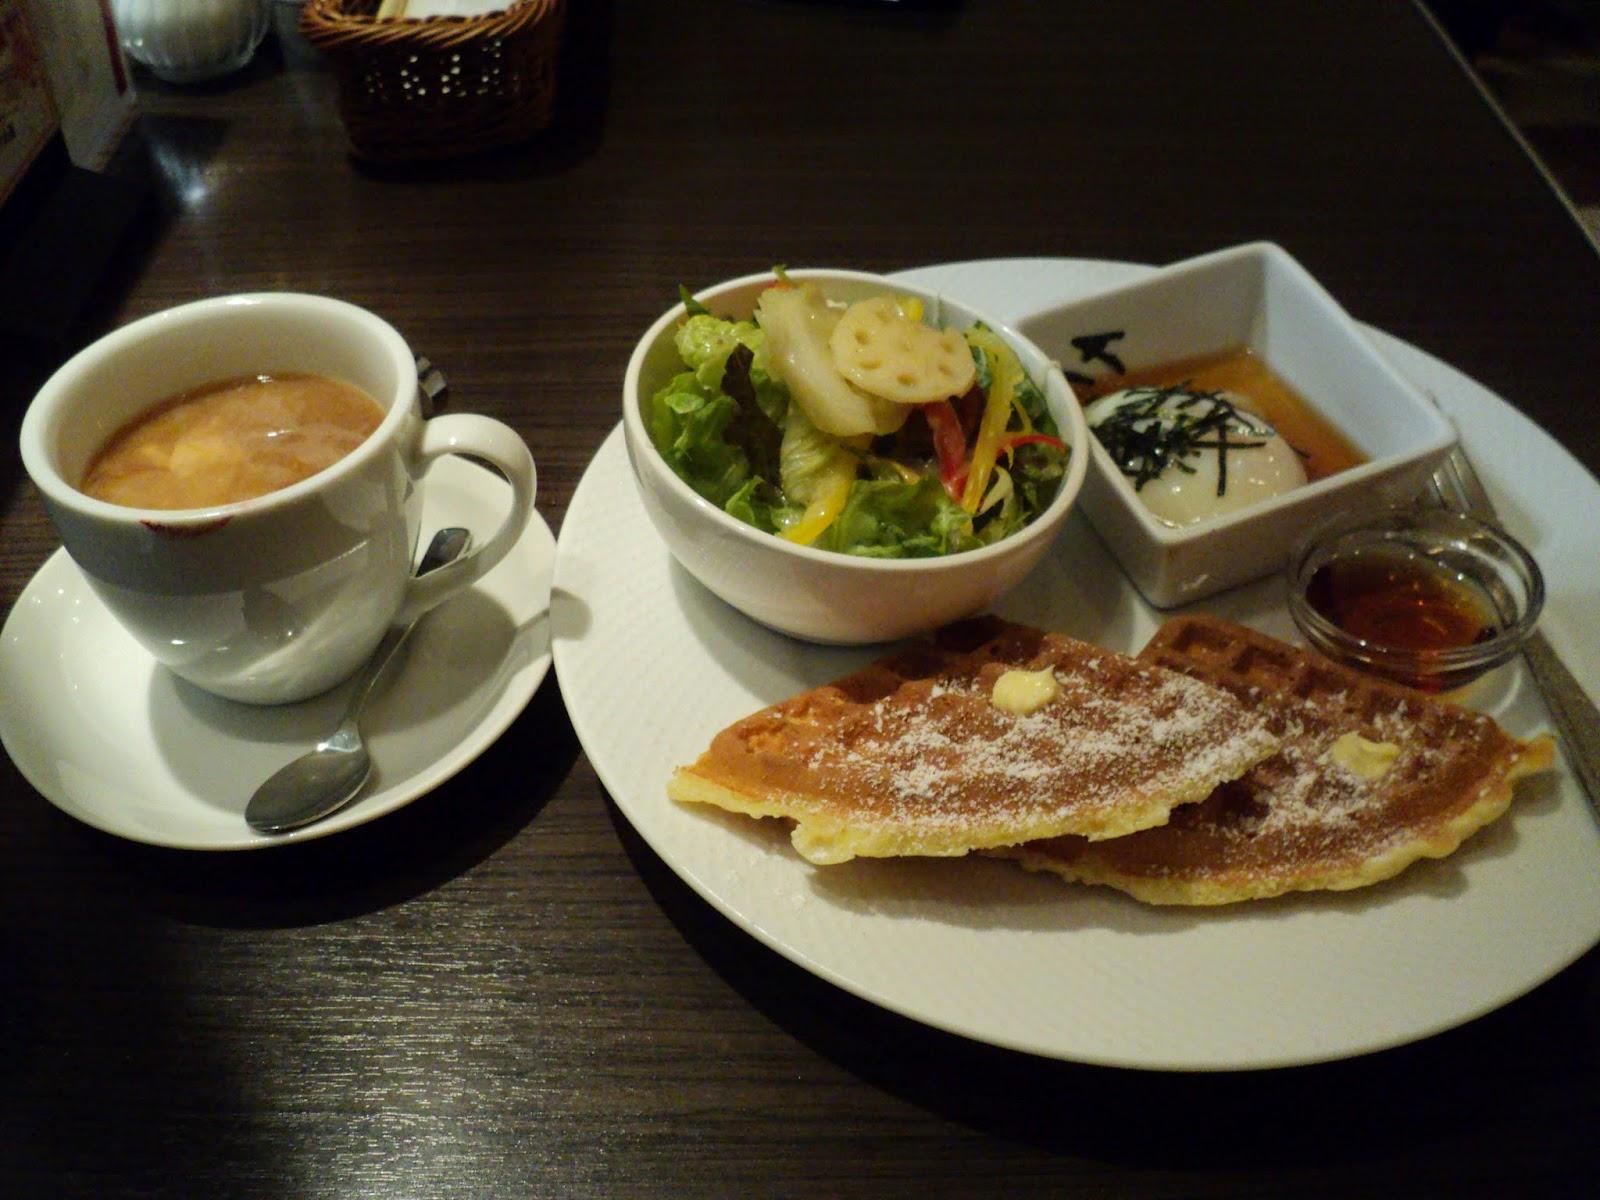 Light breakfast. Tokyo Consult. TokyoConsult.